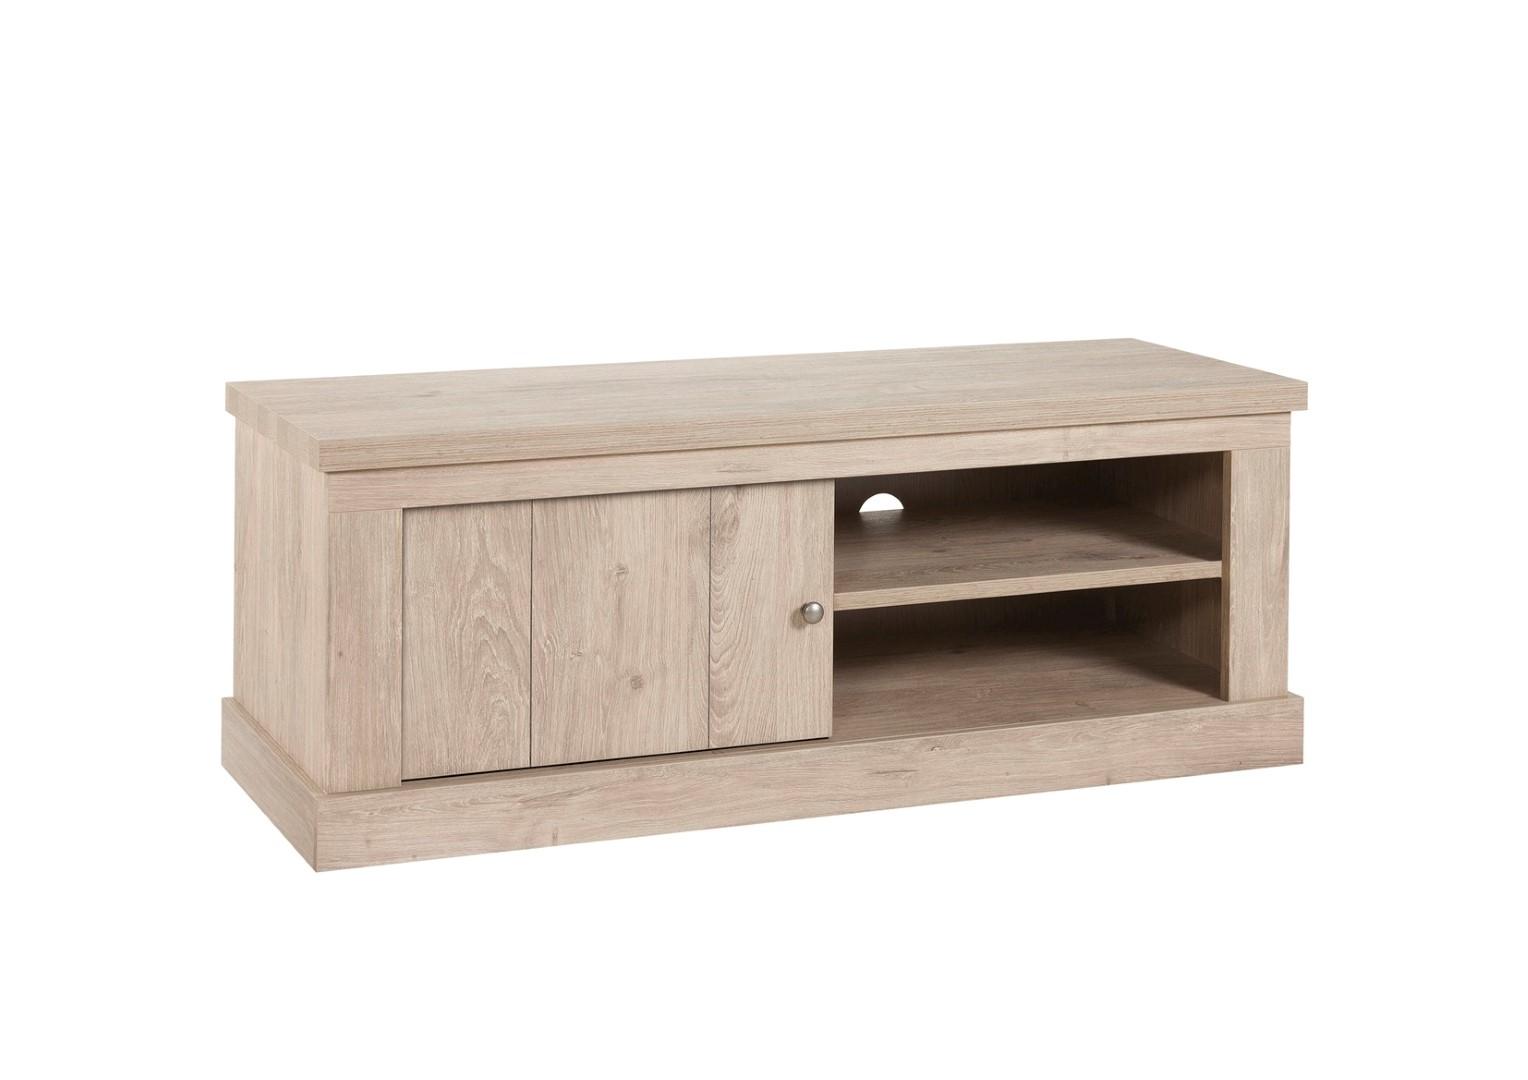 Tv meubels wood